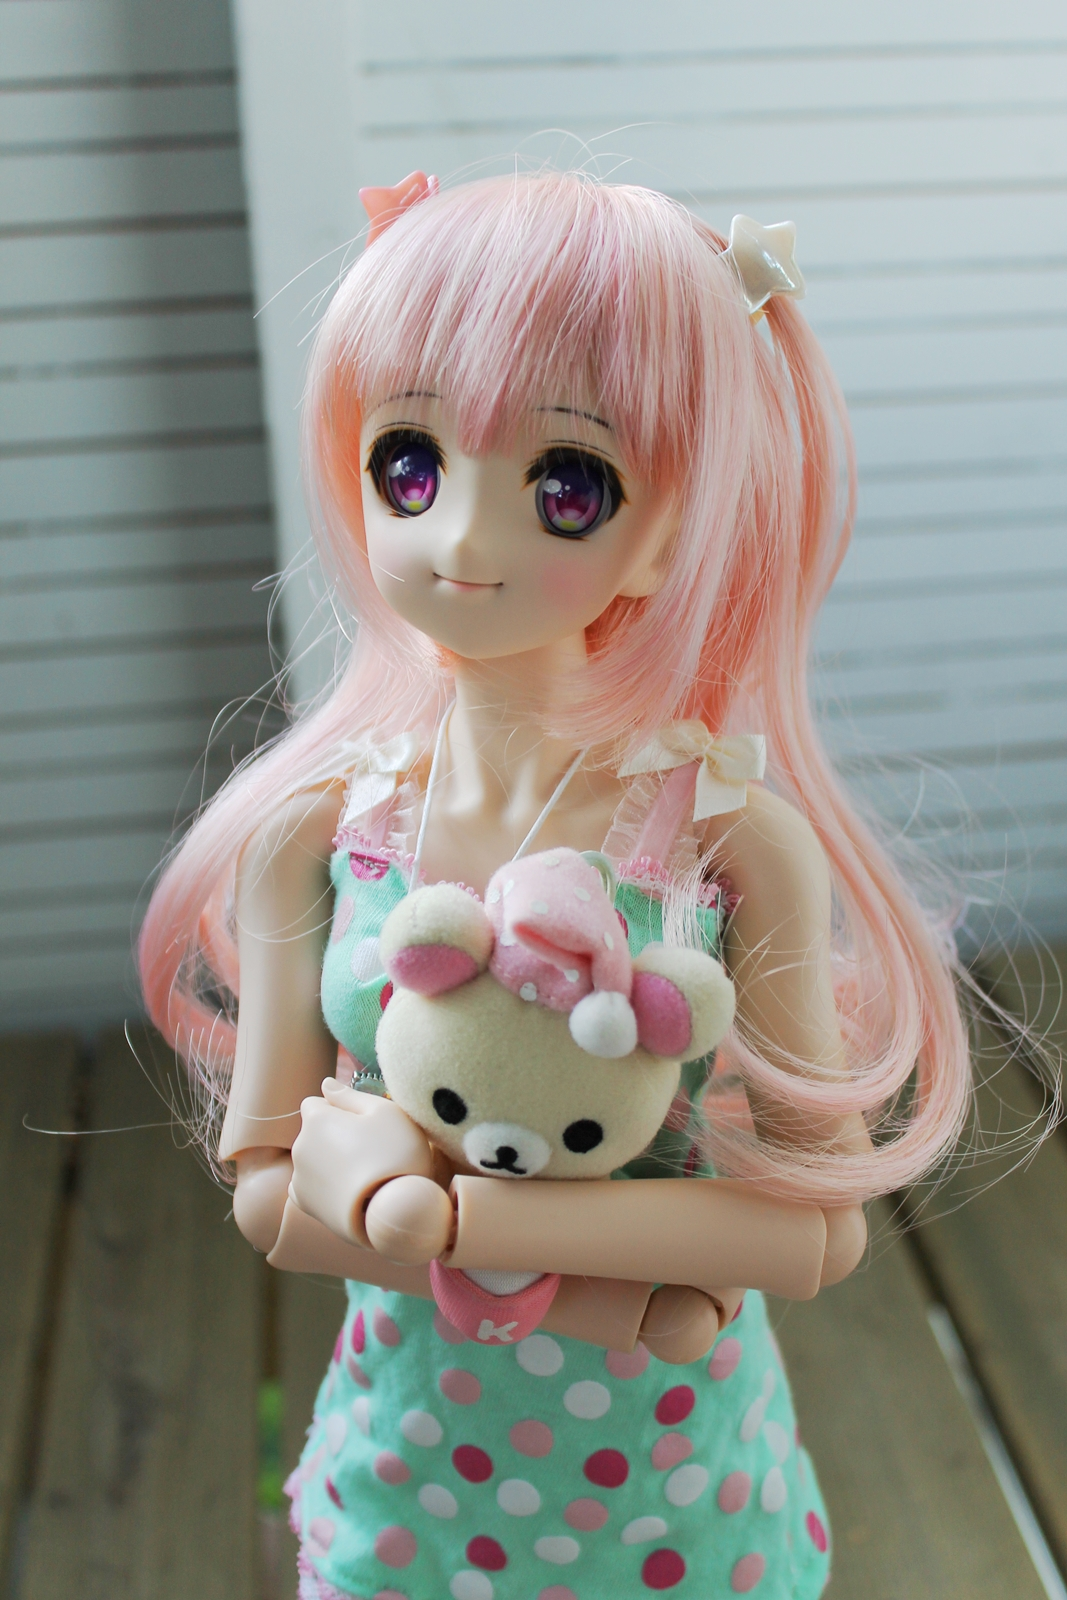 volks dollfie_dream mayu dollfie_dream_sister zoukei-mura image_character